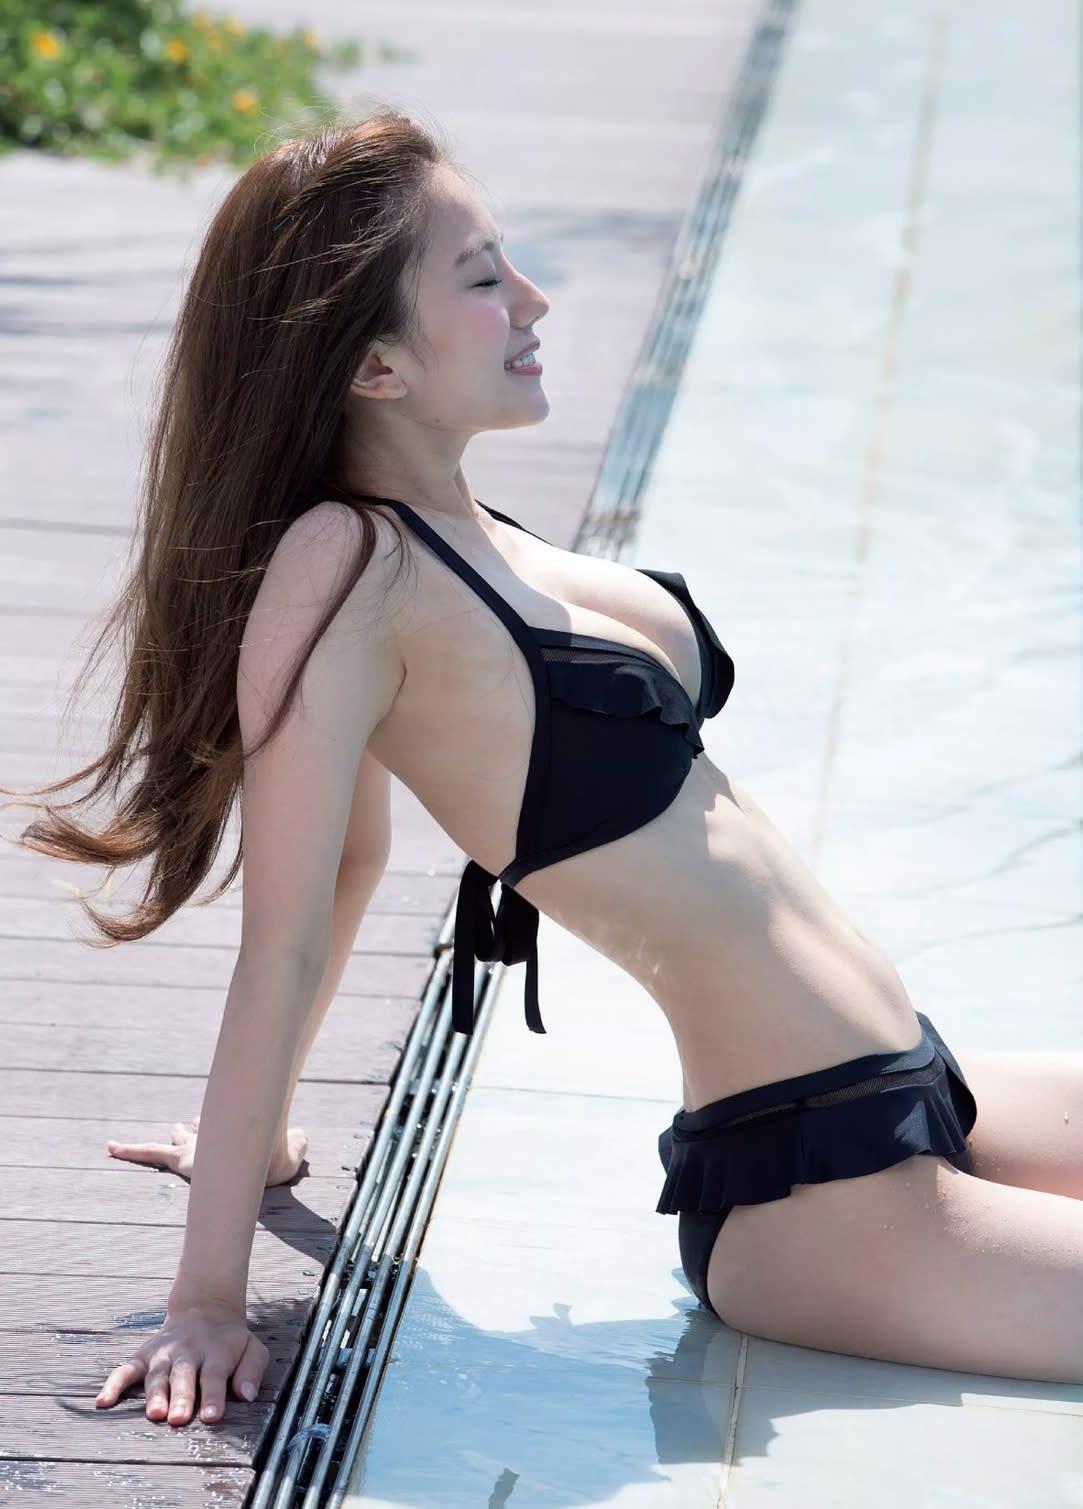 くびれ美人グラドル川崎あやさん、驚異のウエスト53�pを公表 [無断転載禁止]©2ch.net->画像>125枚